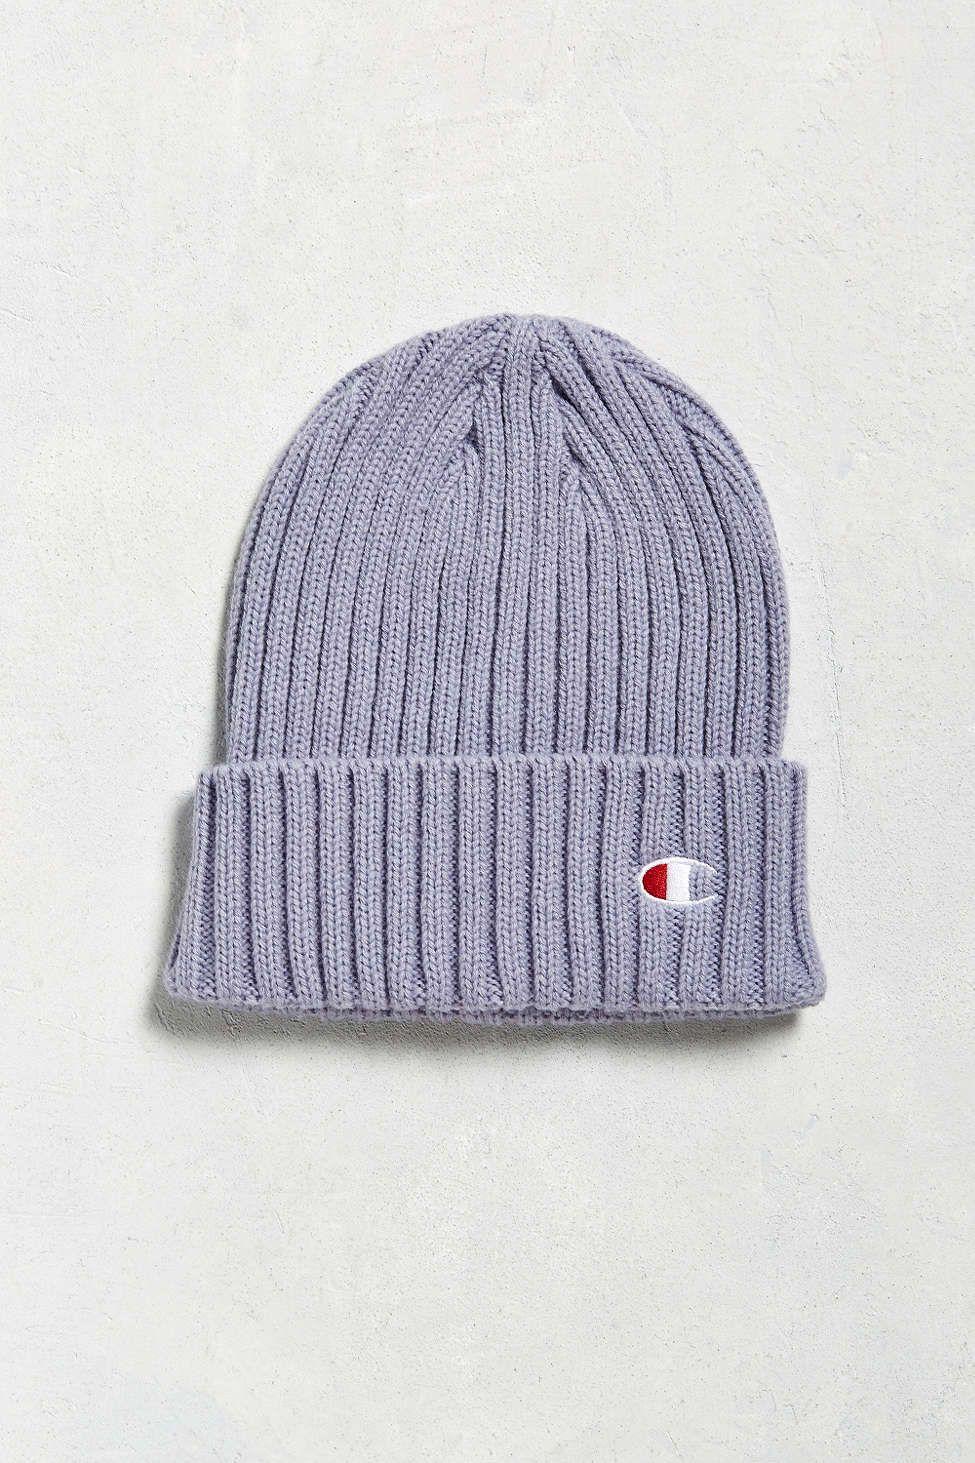 28794d5d74b38d Champion + UO Rib Beanie | Wish List | Beanie outfit, Beanie hats ...